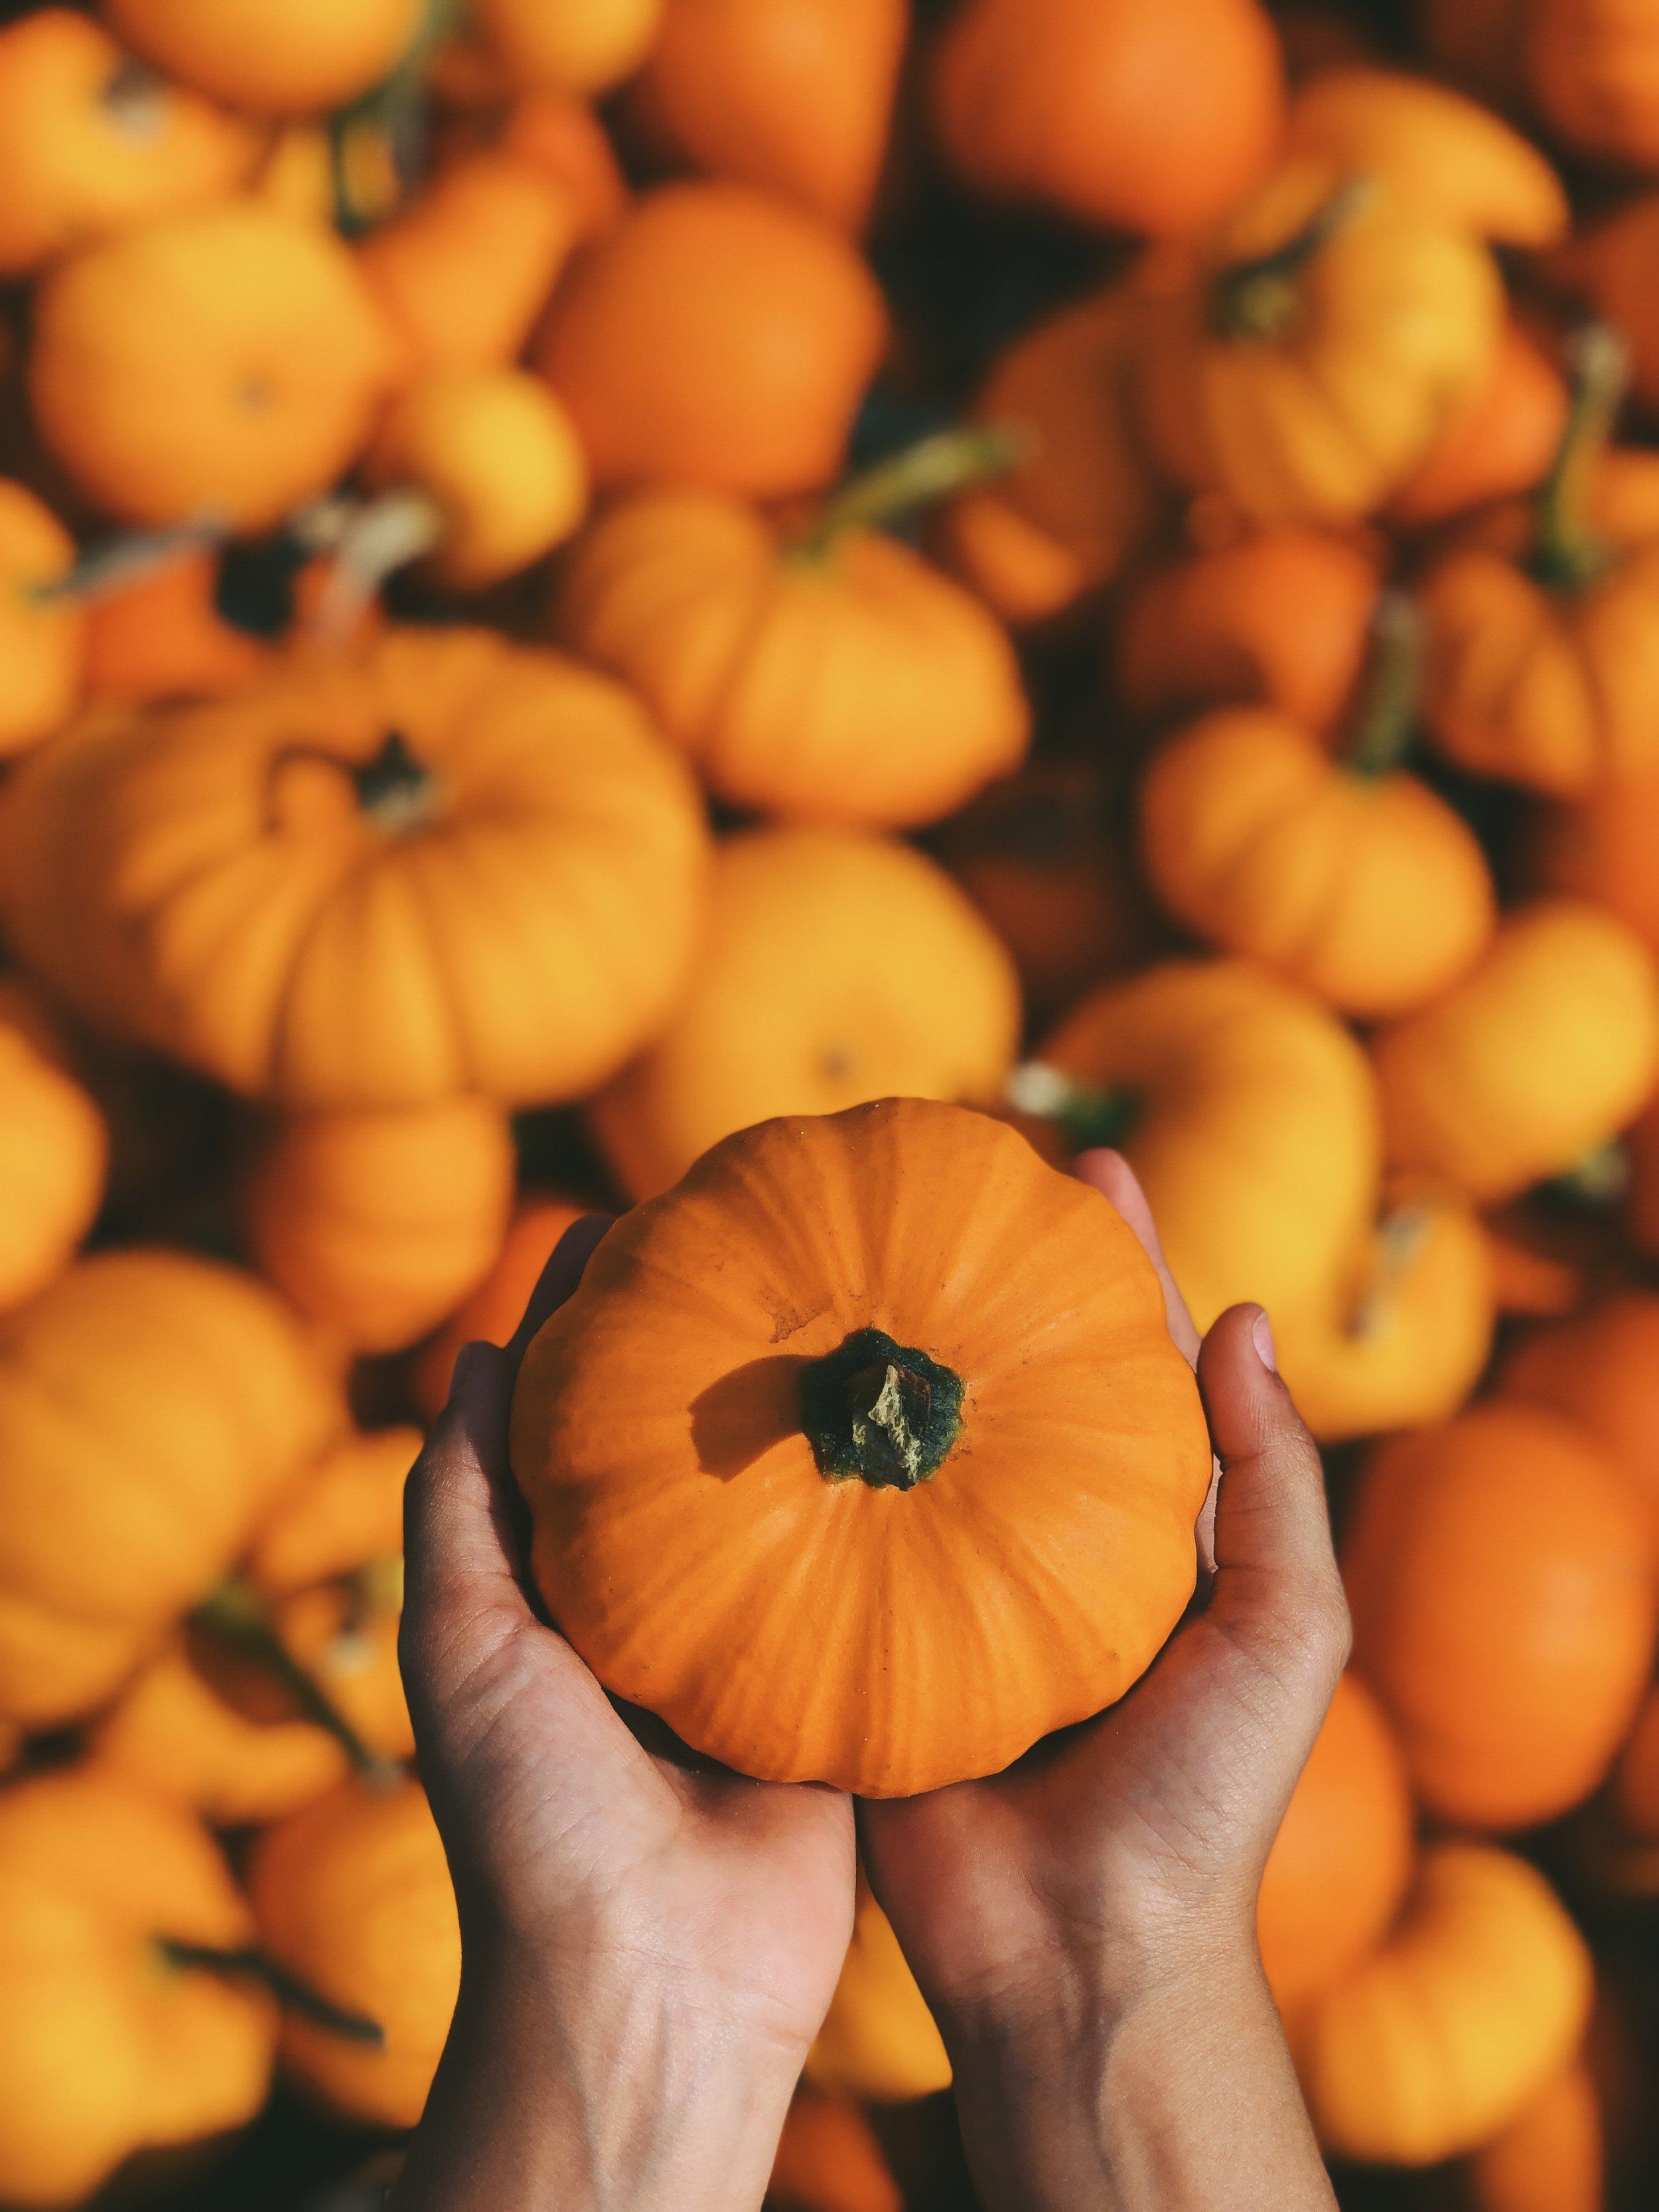 """Camaïeux de forêt d'automne - """"Petite feuille verte bouge dans l'arbre, petite feuille jaune vole dans l'air, petite feuille orange dort dans l'herbe. Chut ! voici l'Automne."""""""